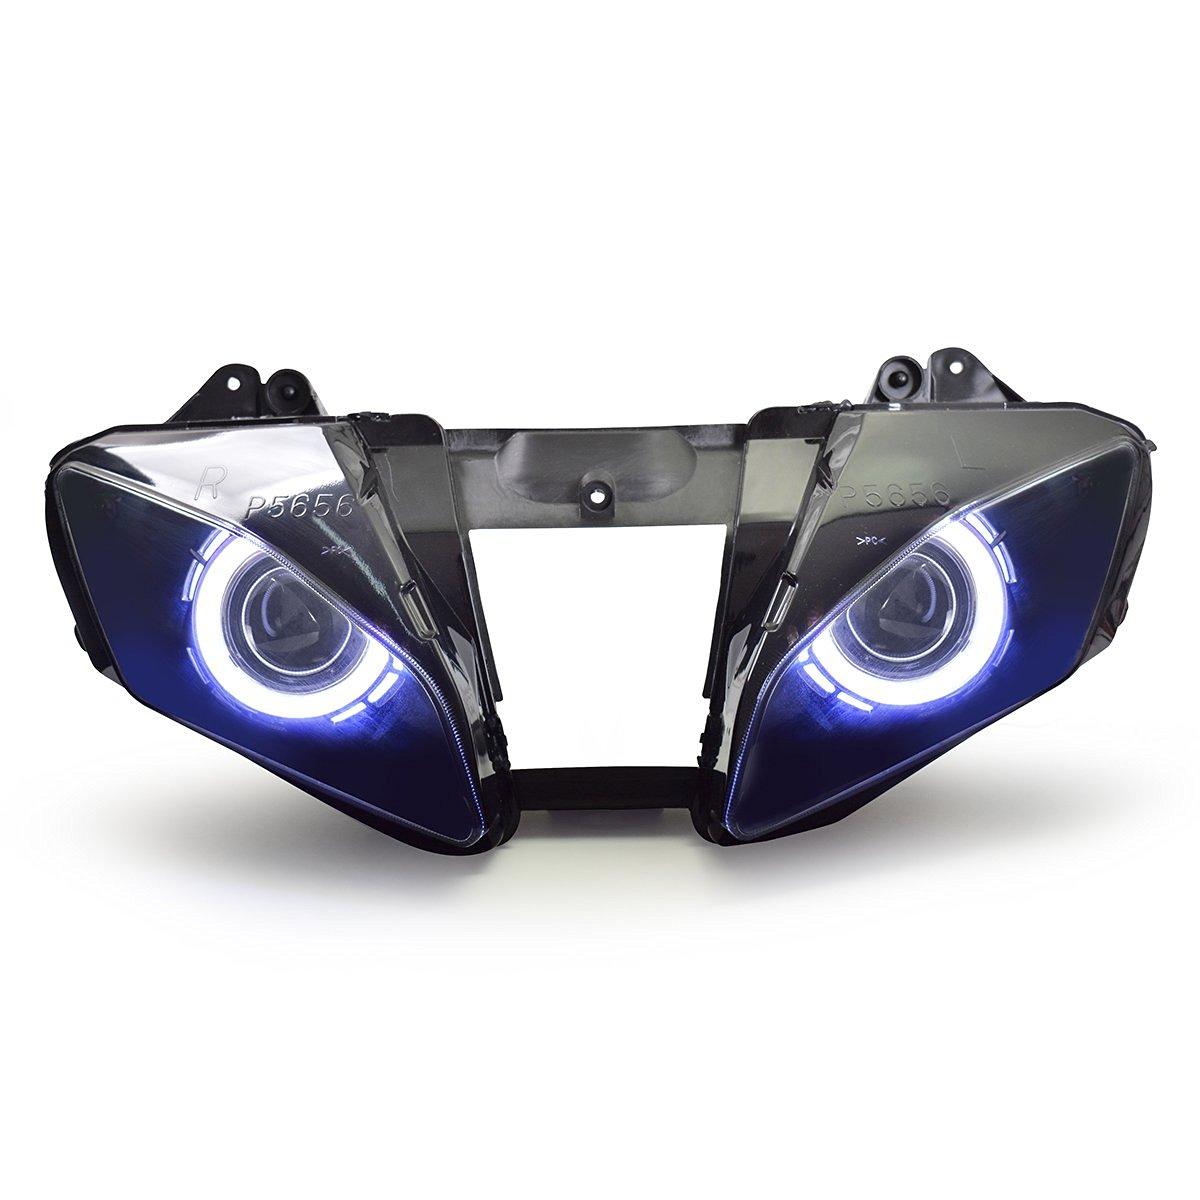 KT LED Headlight Assembly for Yamaha R6 2008-2016 V1 White Angel Eye